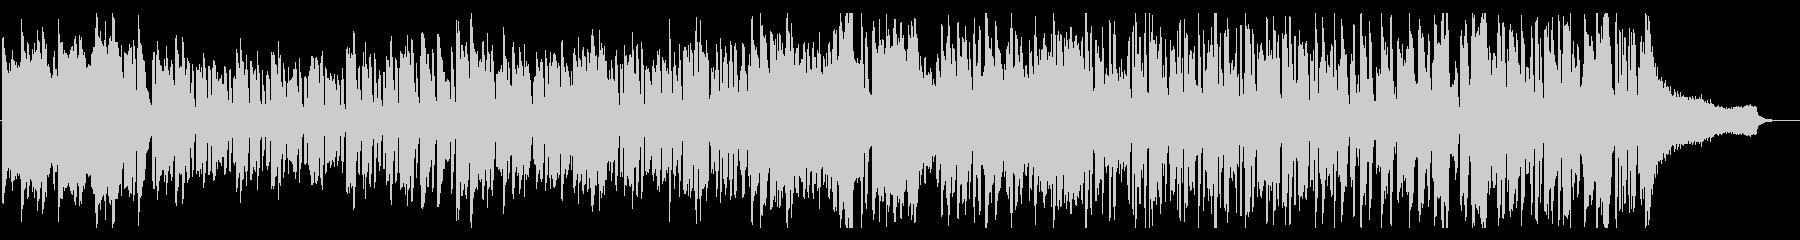 ラテンリズムに大人っぽい雰囲気のピアノ曲の未再生の波形